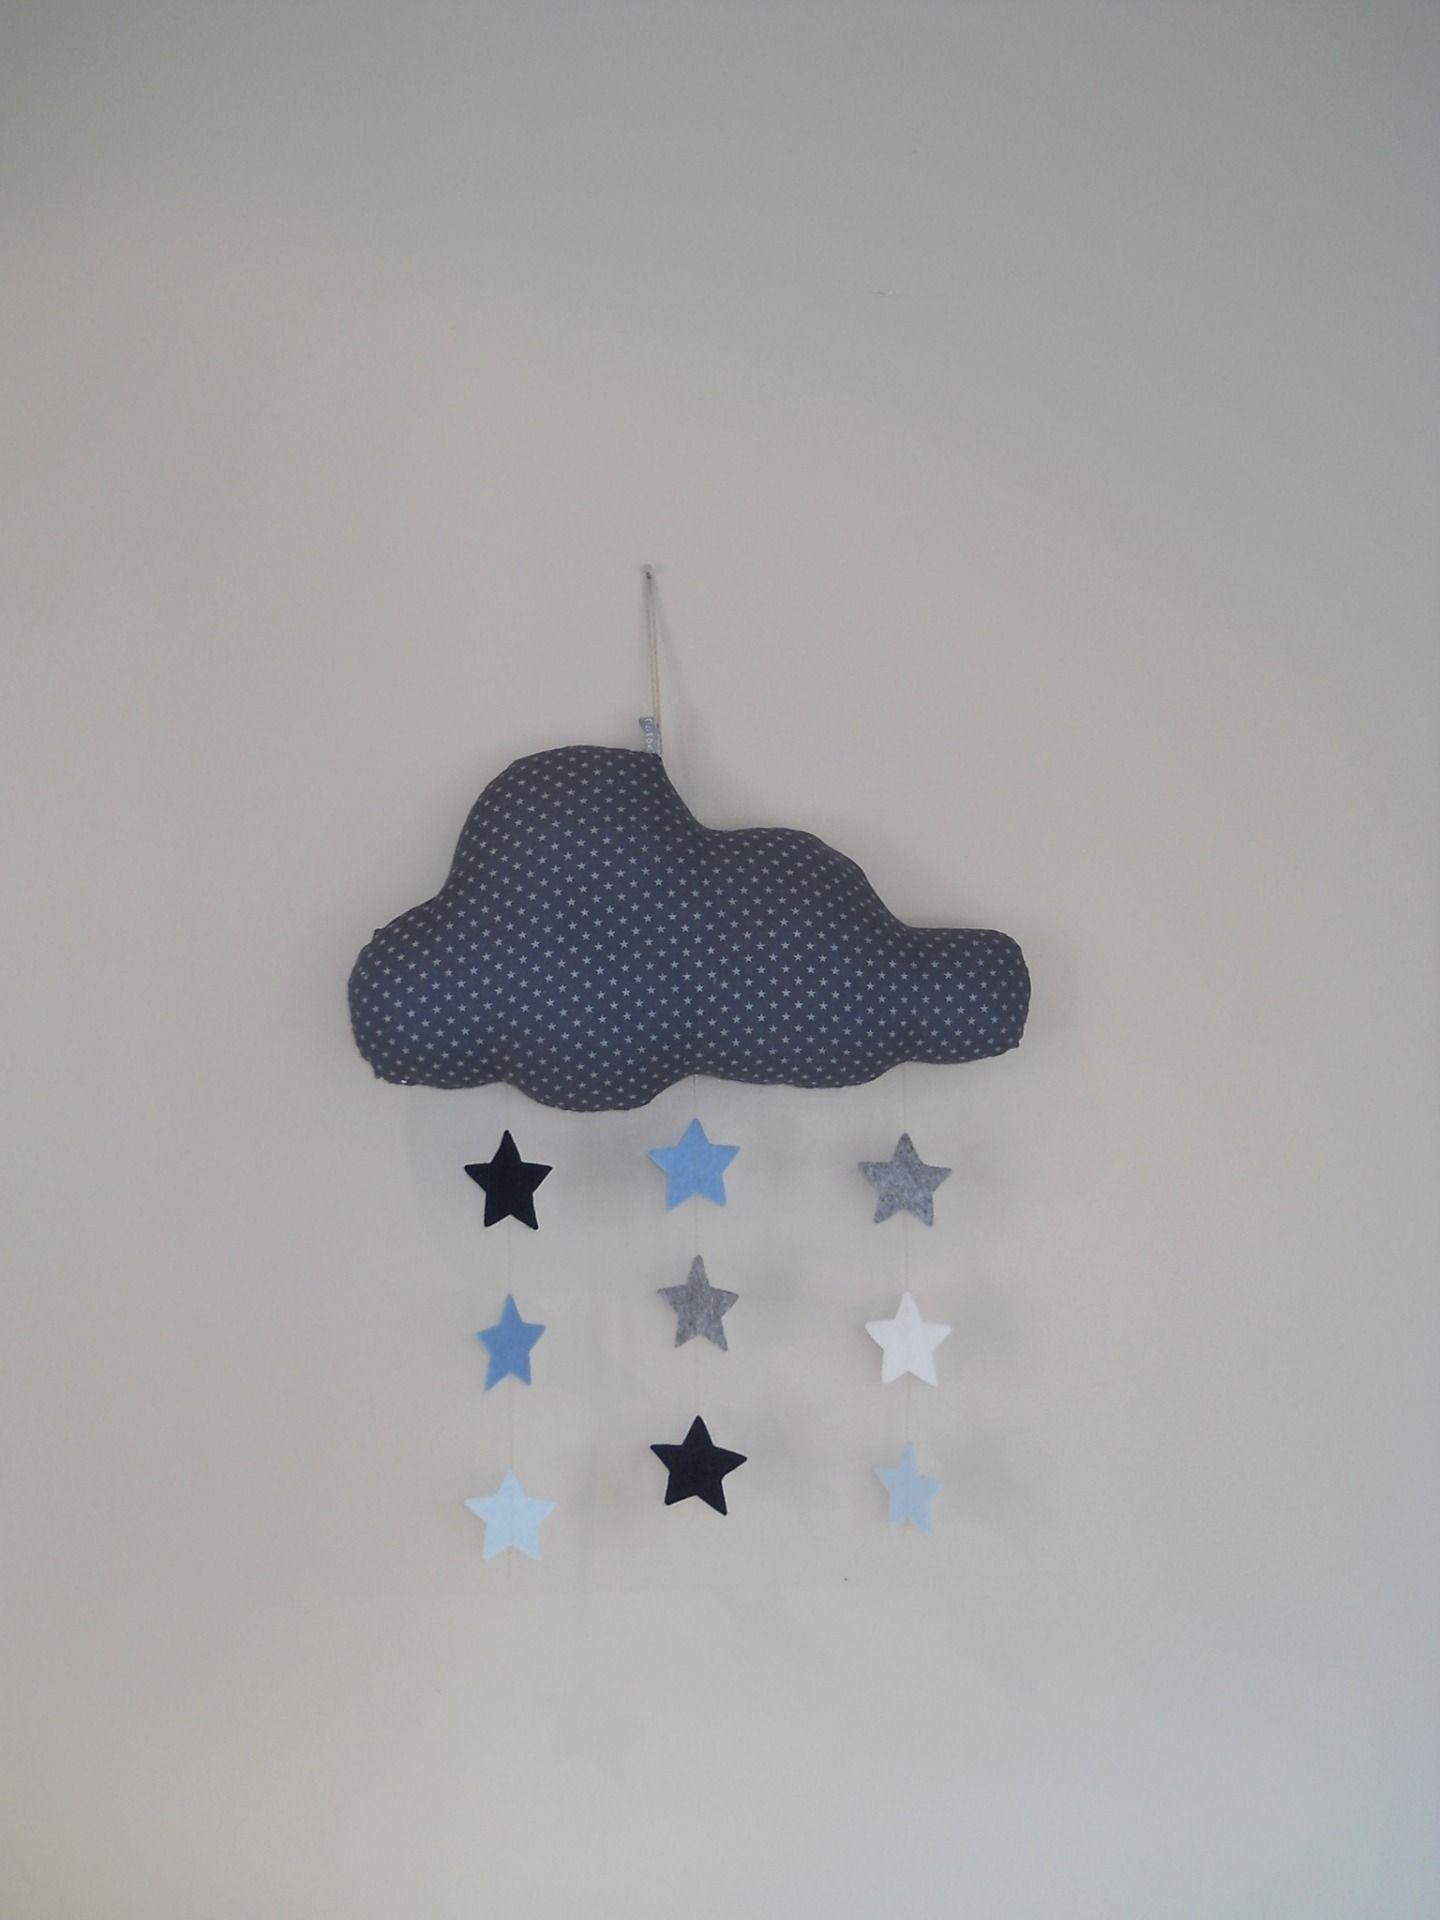 mobile nuage et sa suspension d étoiles bleu gris Décoration